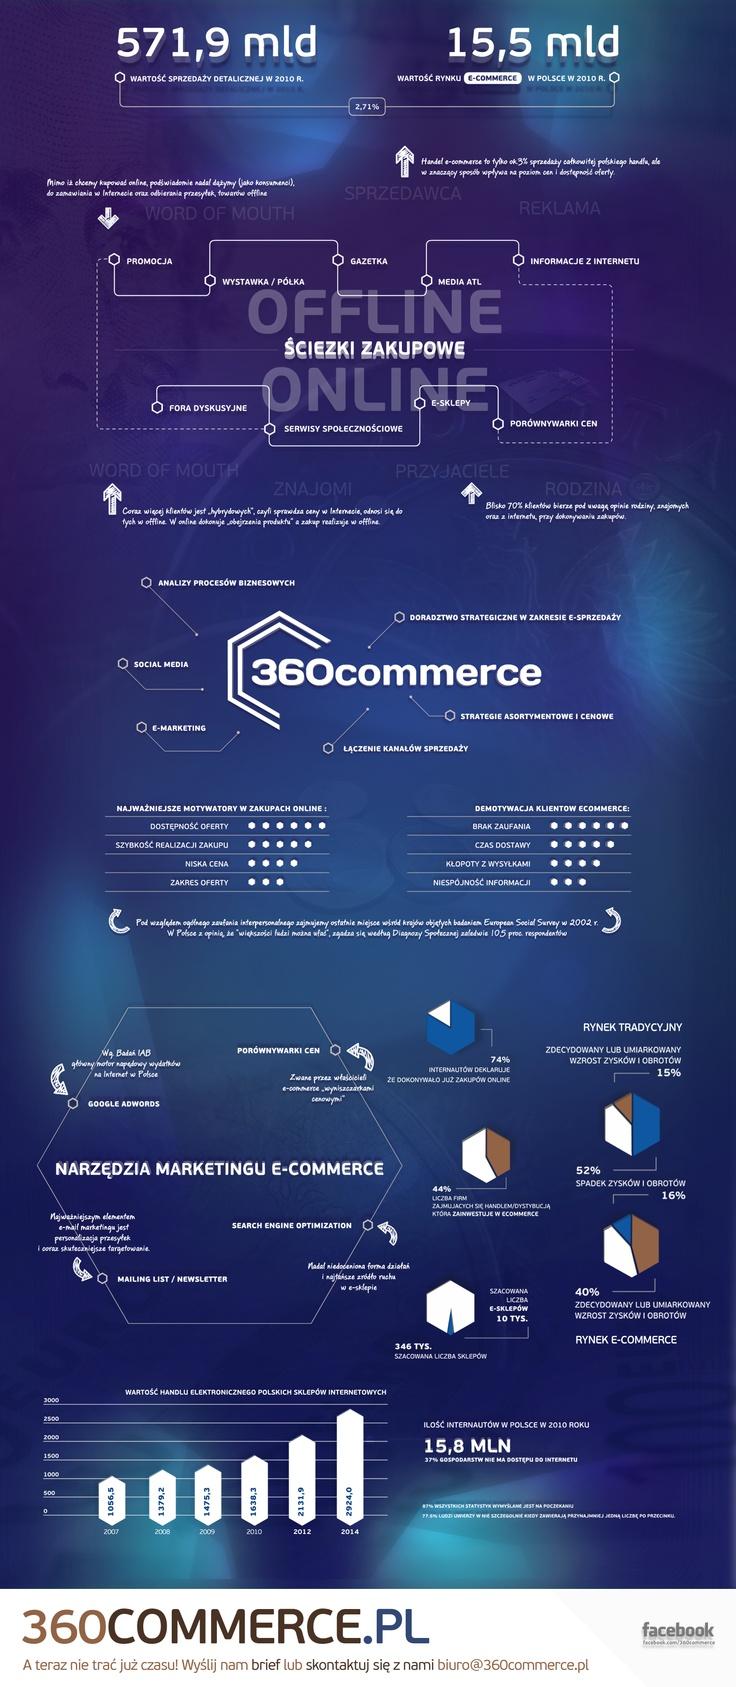 Potencjał rynku e-commerce w Polsce by 360commerce